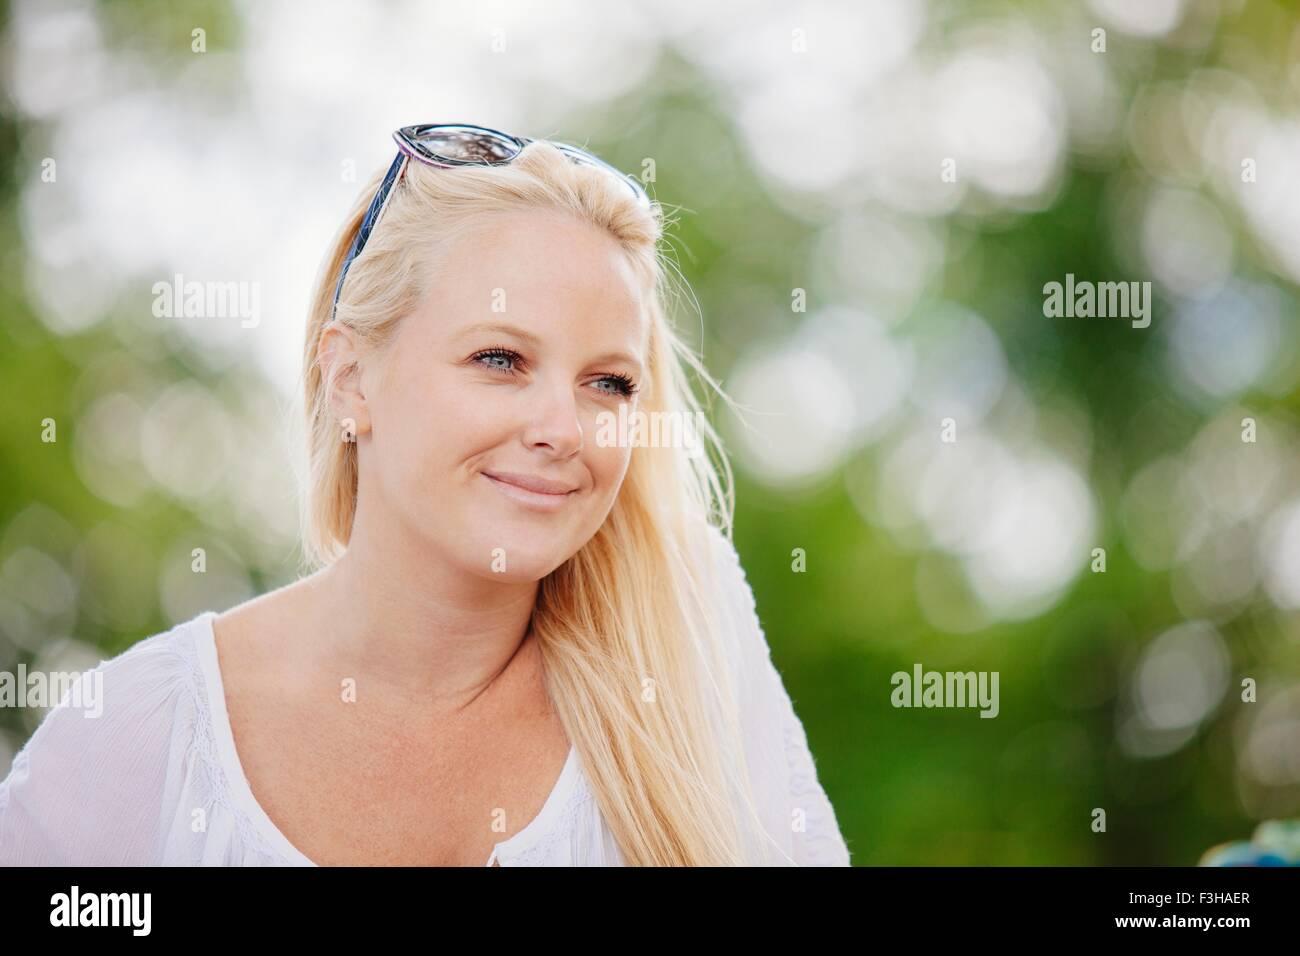 Retrato de mujer joven rubia de cabellos largos con gafas de sol sobre la cabeza mirando lejos sonriendo Imagen De Stock